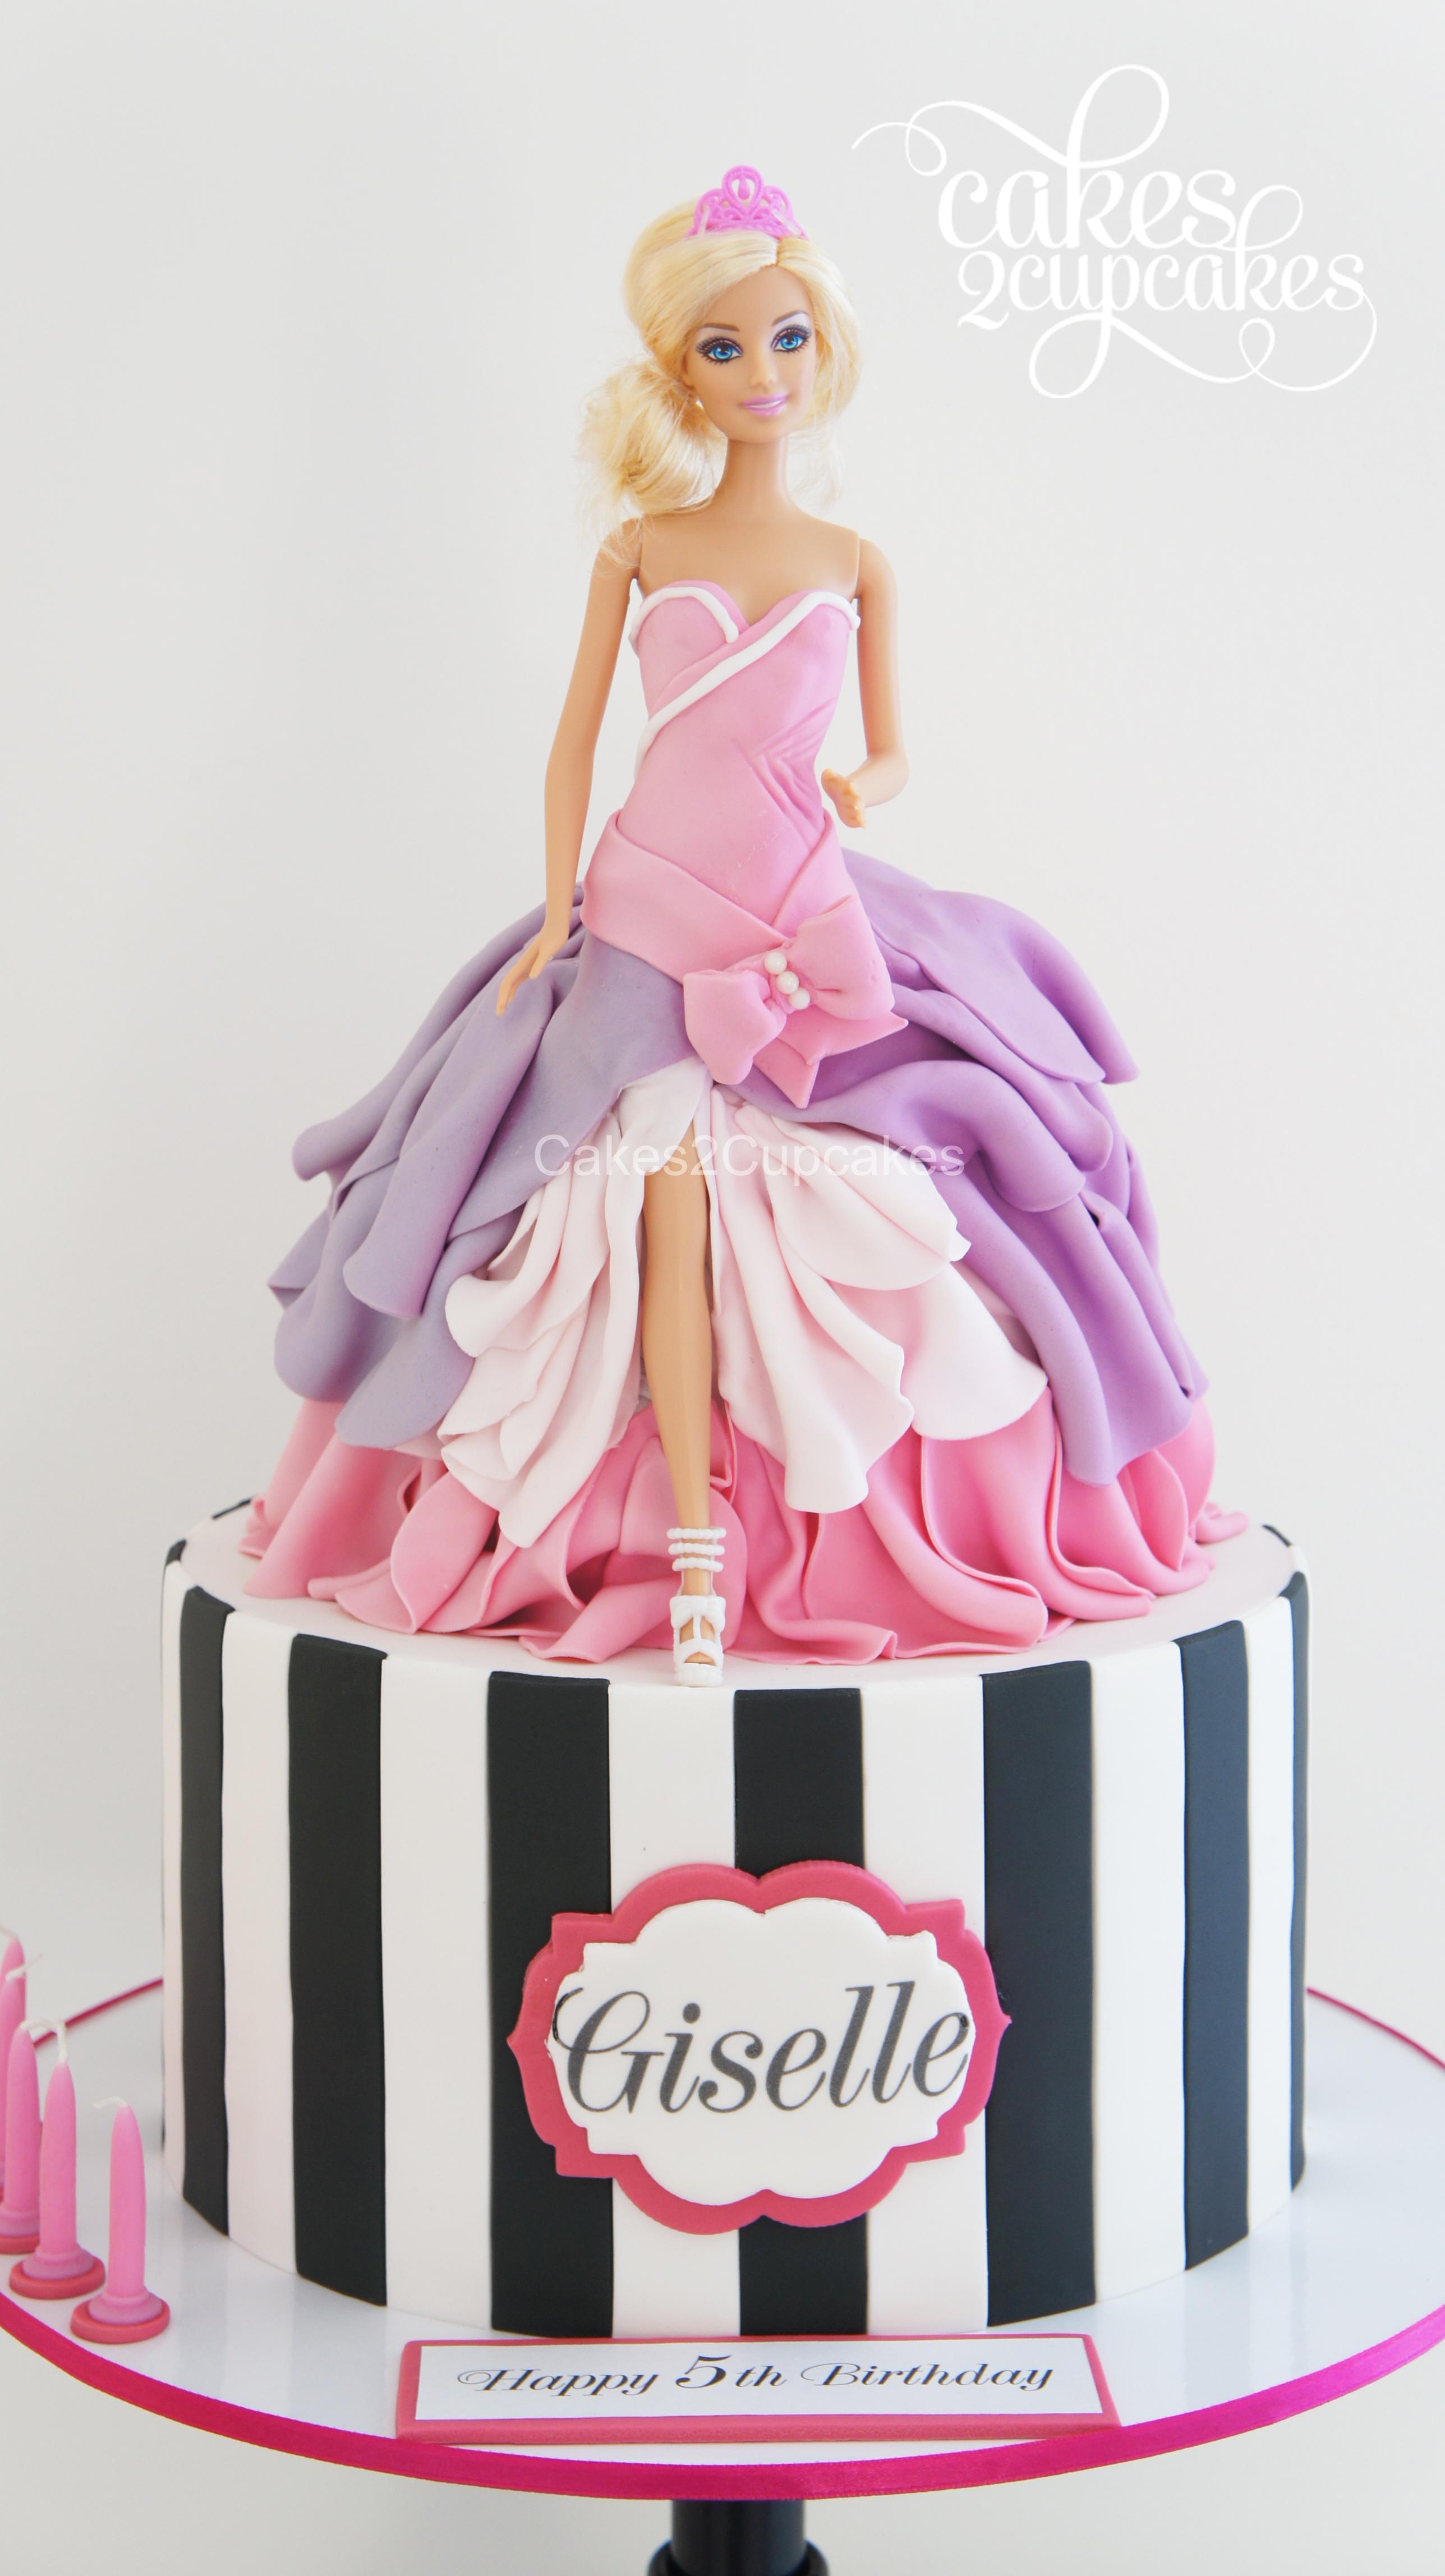 cakes2cupcakes-barbie.jpg